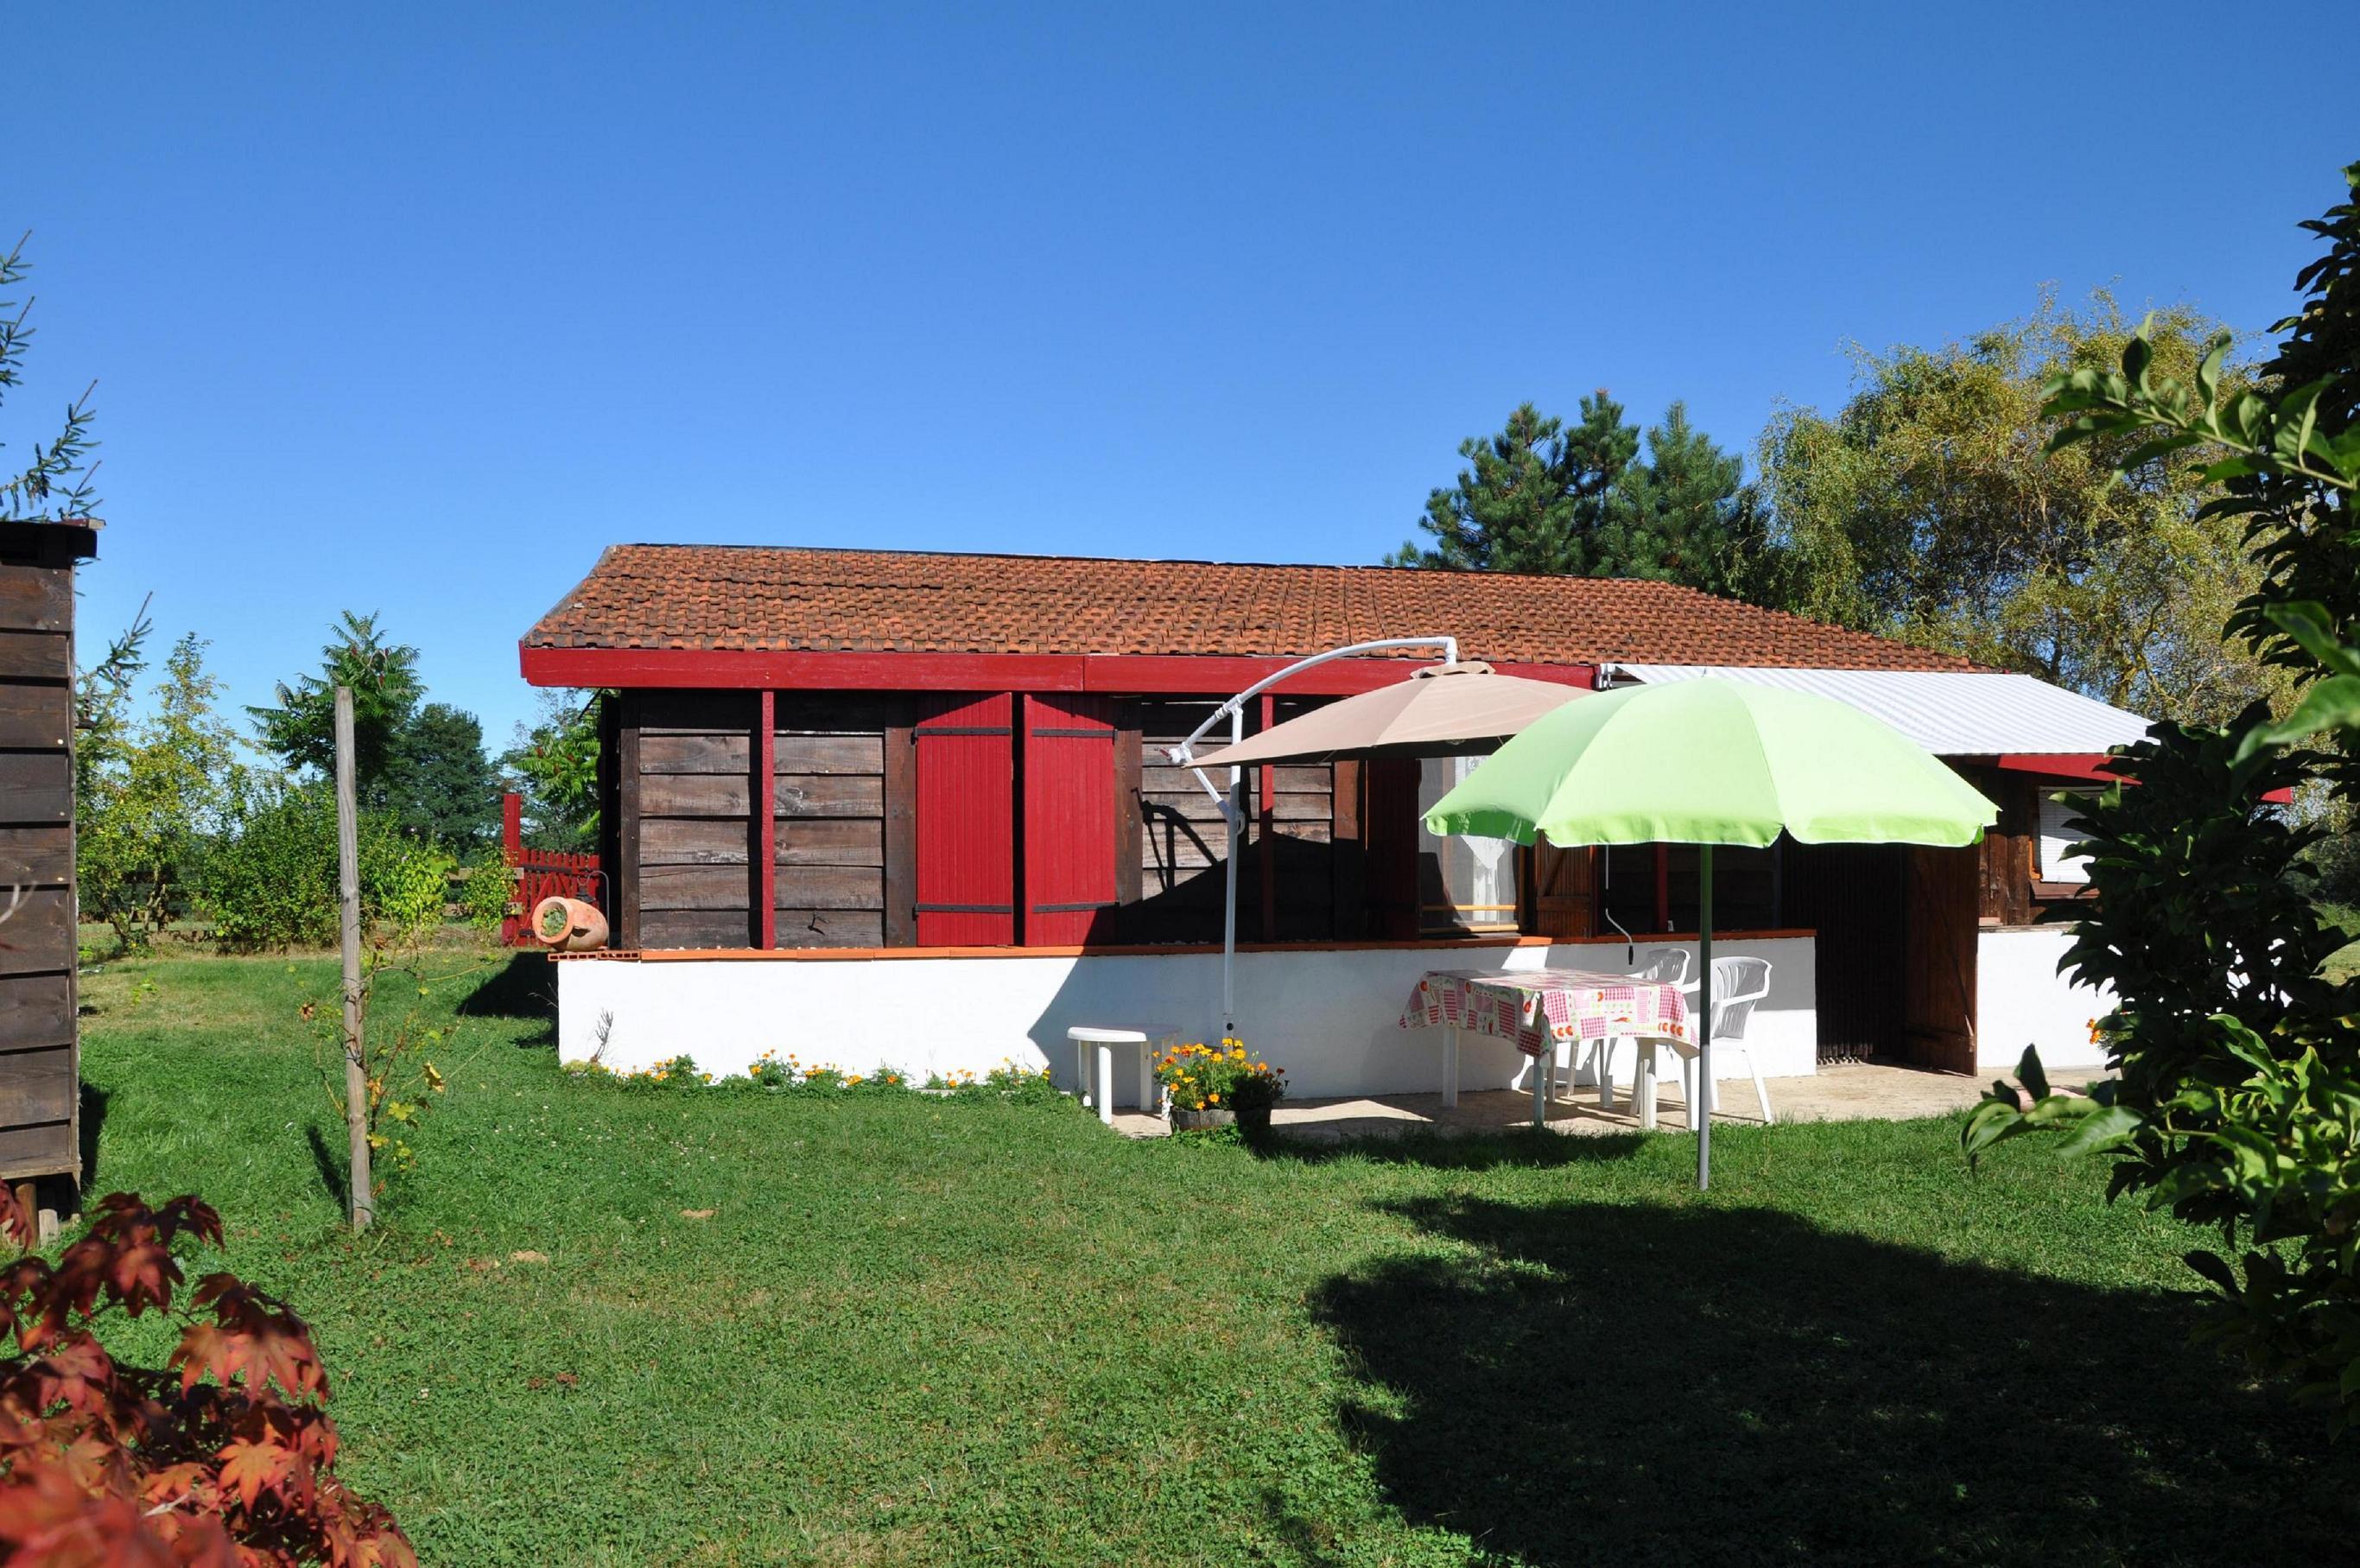 Maison vendre st germain du bois l 39 immobilier de la - Hangar transforme en maison ...